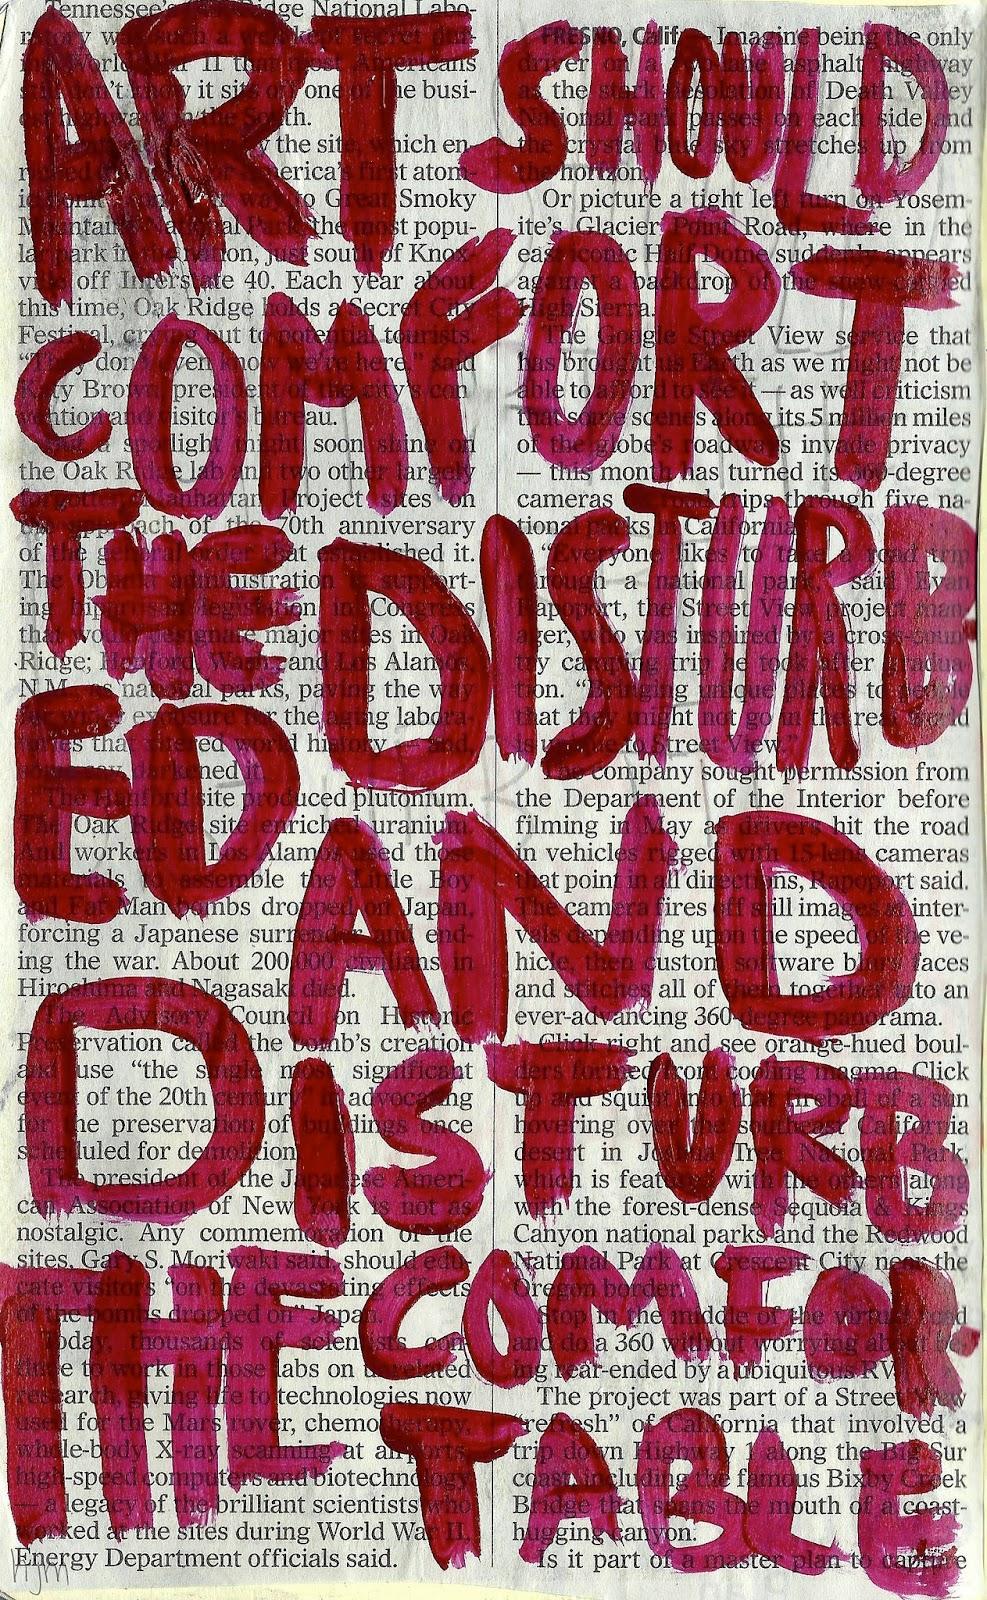 """""""L'art hauria de confortar als perturbats i perturbar els confortats"""". Cesar A. Cruz"""